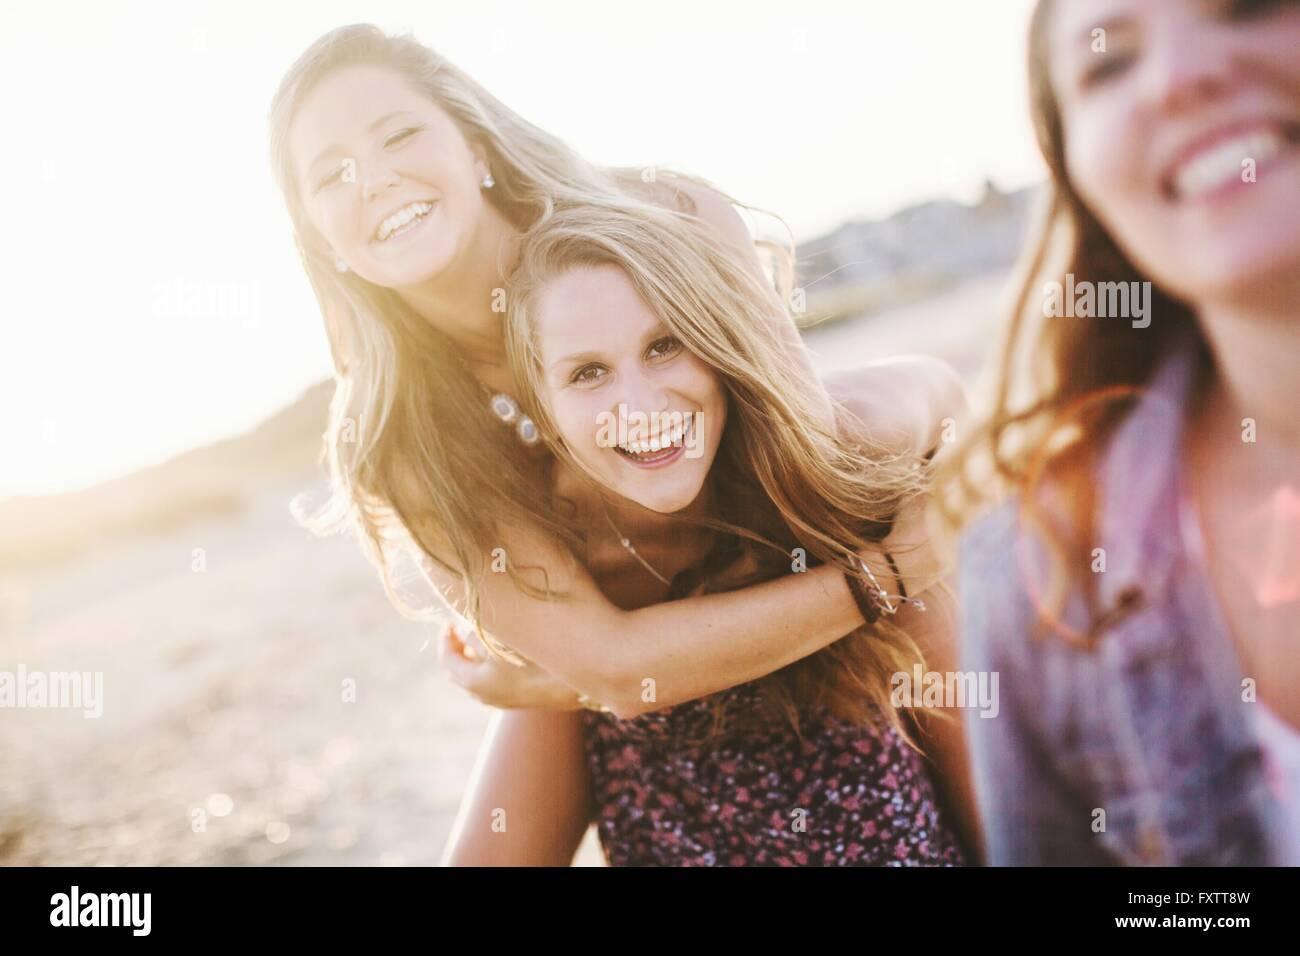 Donna sulla spiaggia dando amico piggyback guardando sorridente della fotocamera Immagini Stock